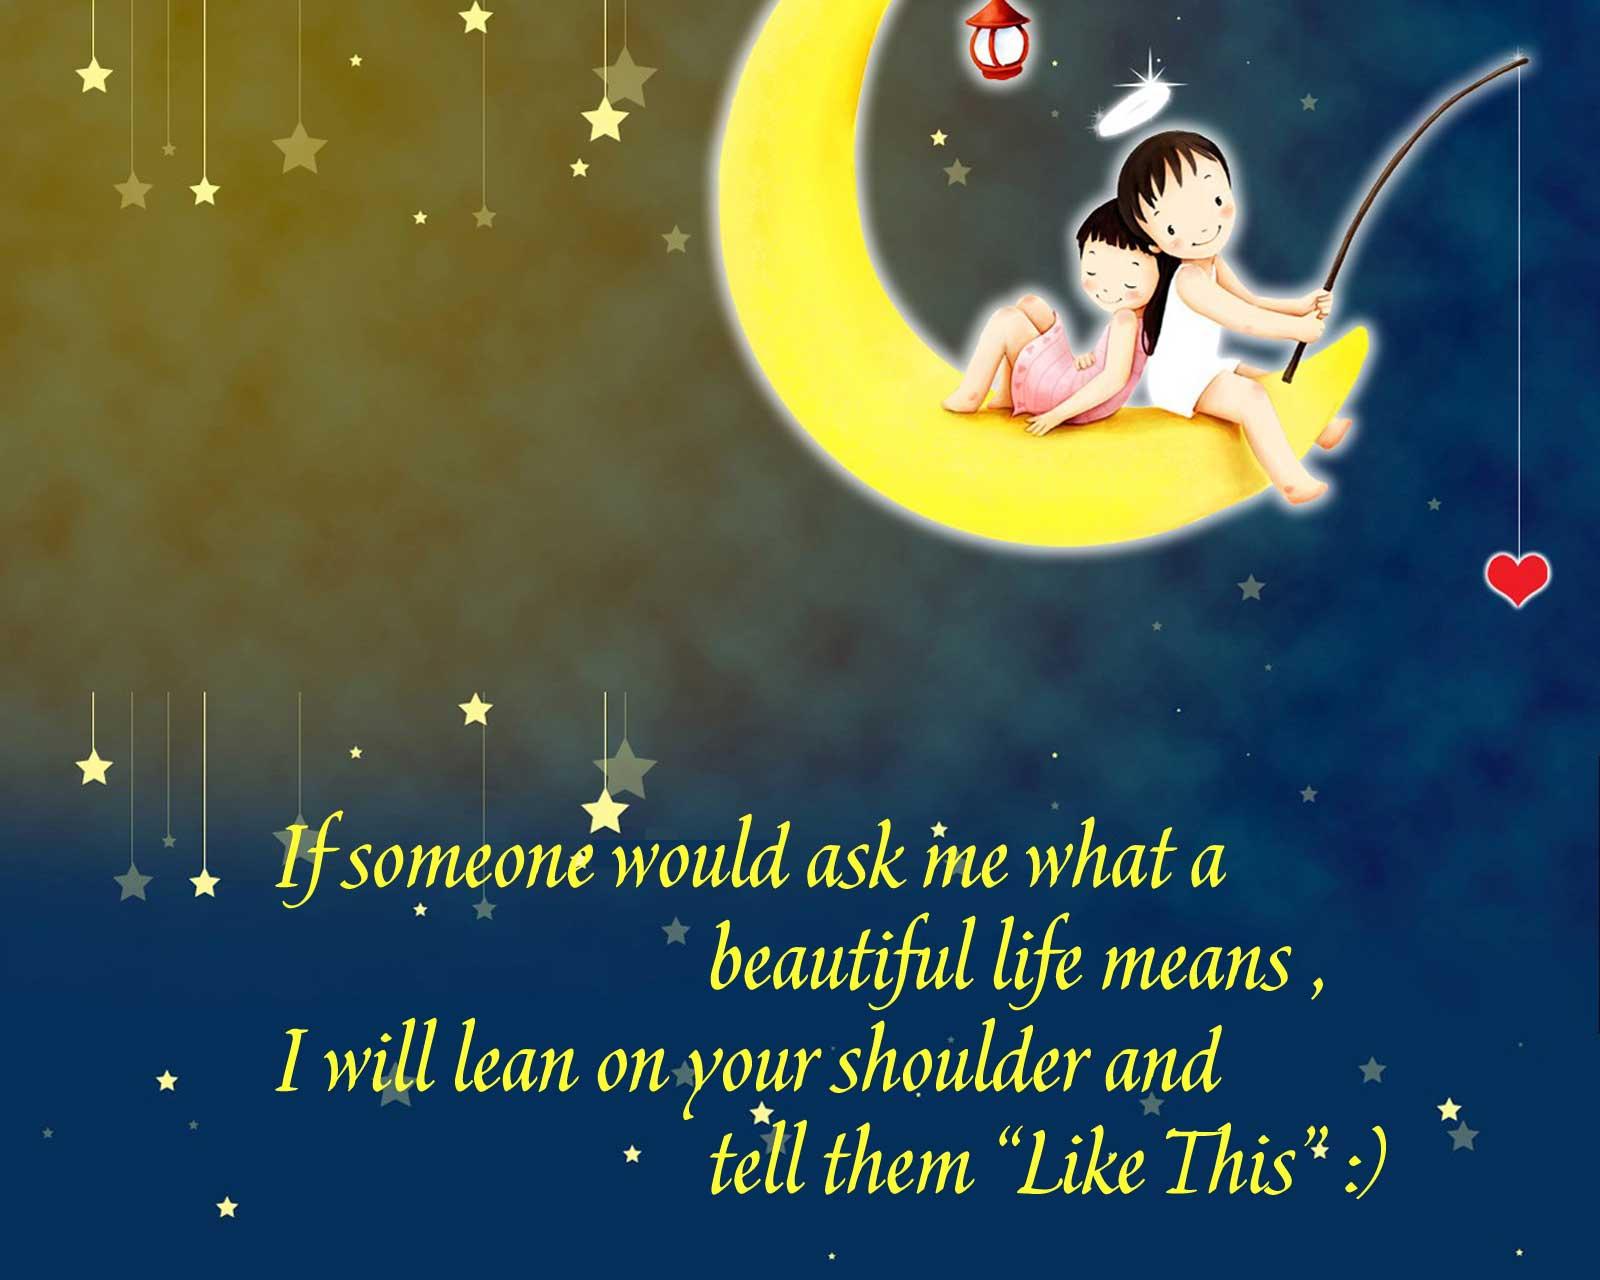 Cute Cartoon Life Quotes Wallpaper Downlo 1706 Wallpaper High 1600x1280